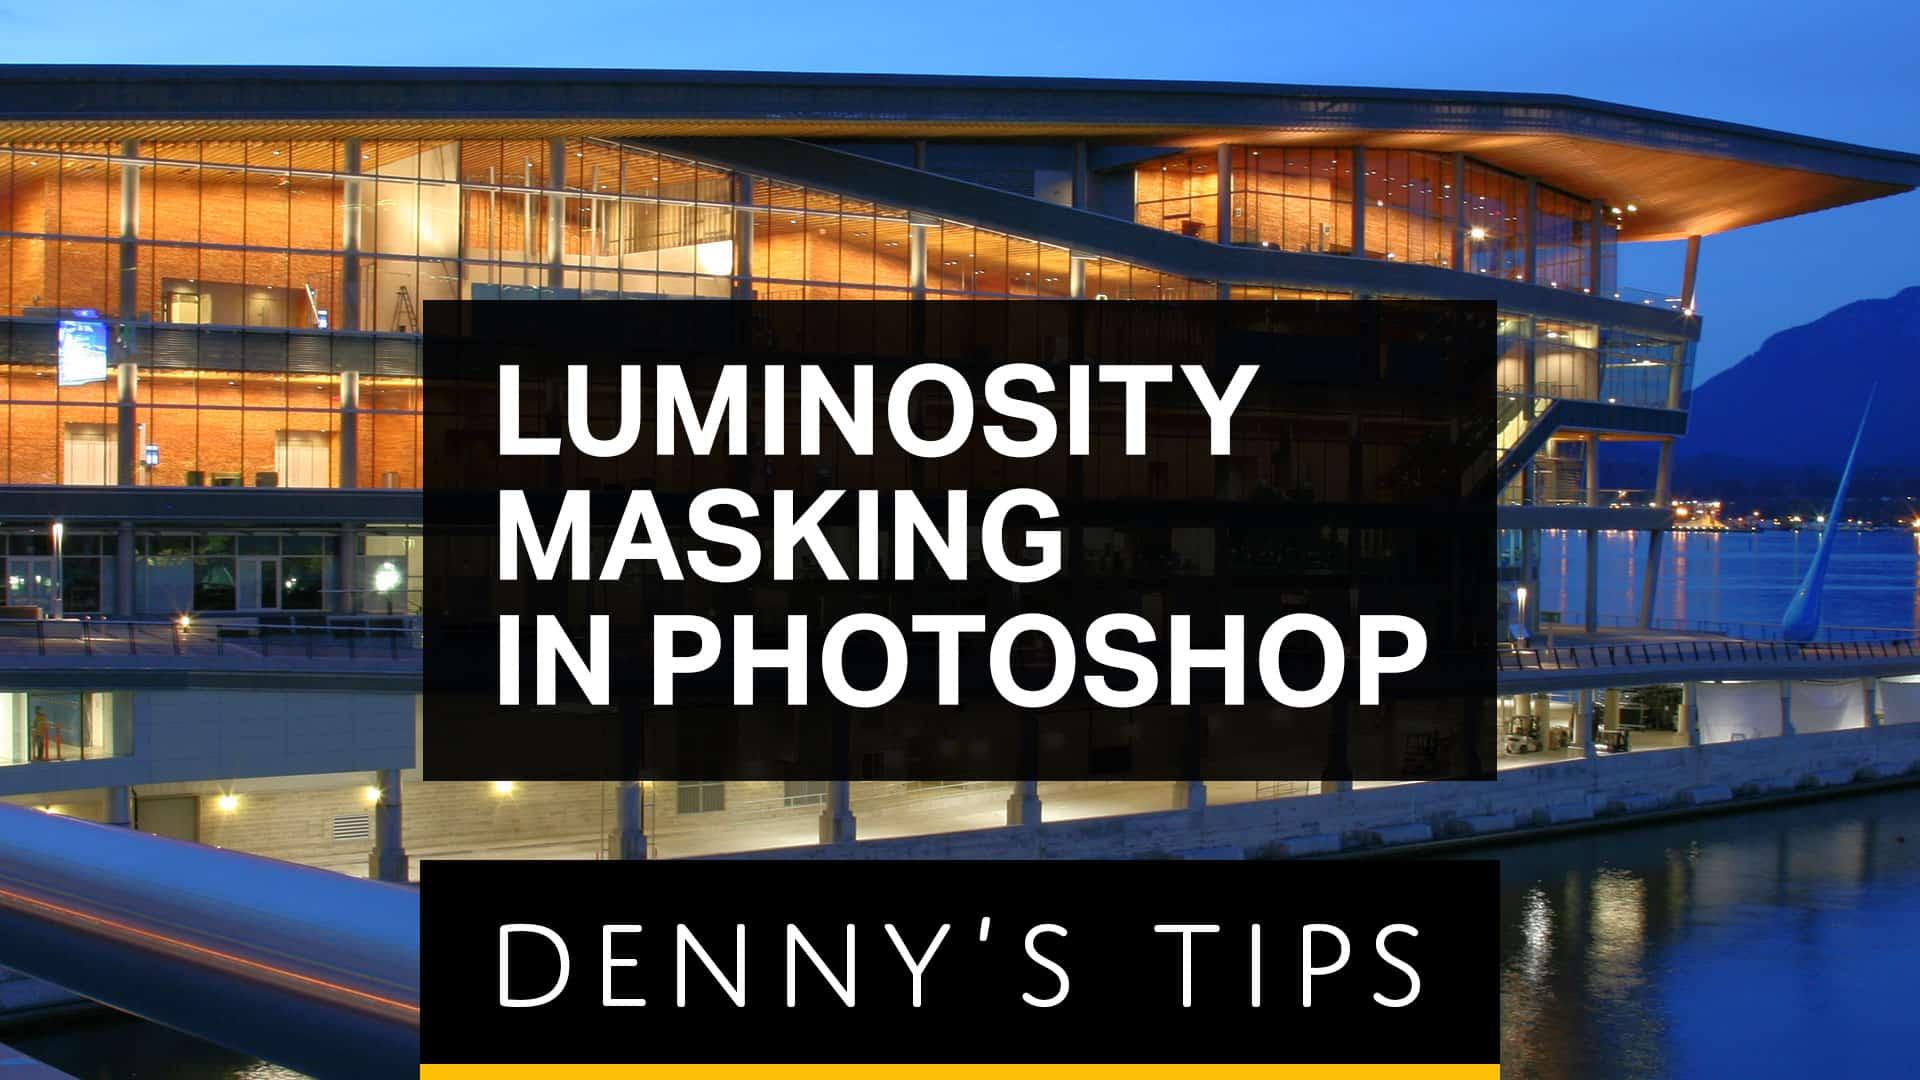 How to Use Luminosity Masking in Photoshop